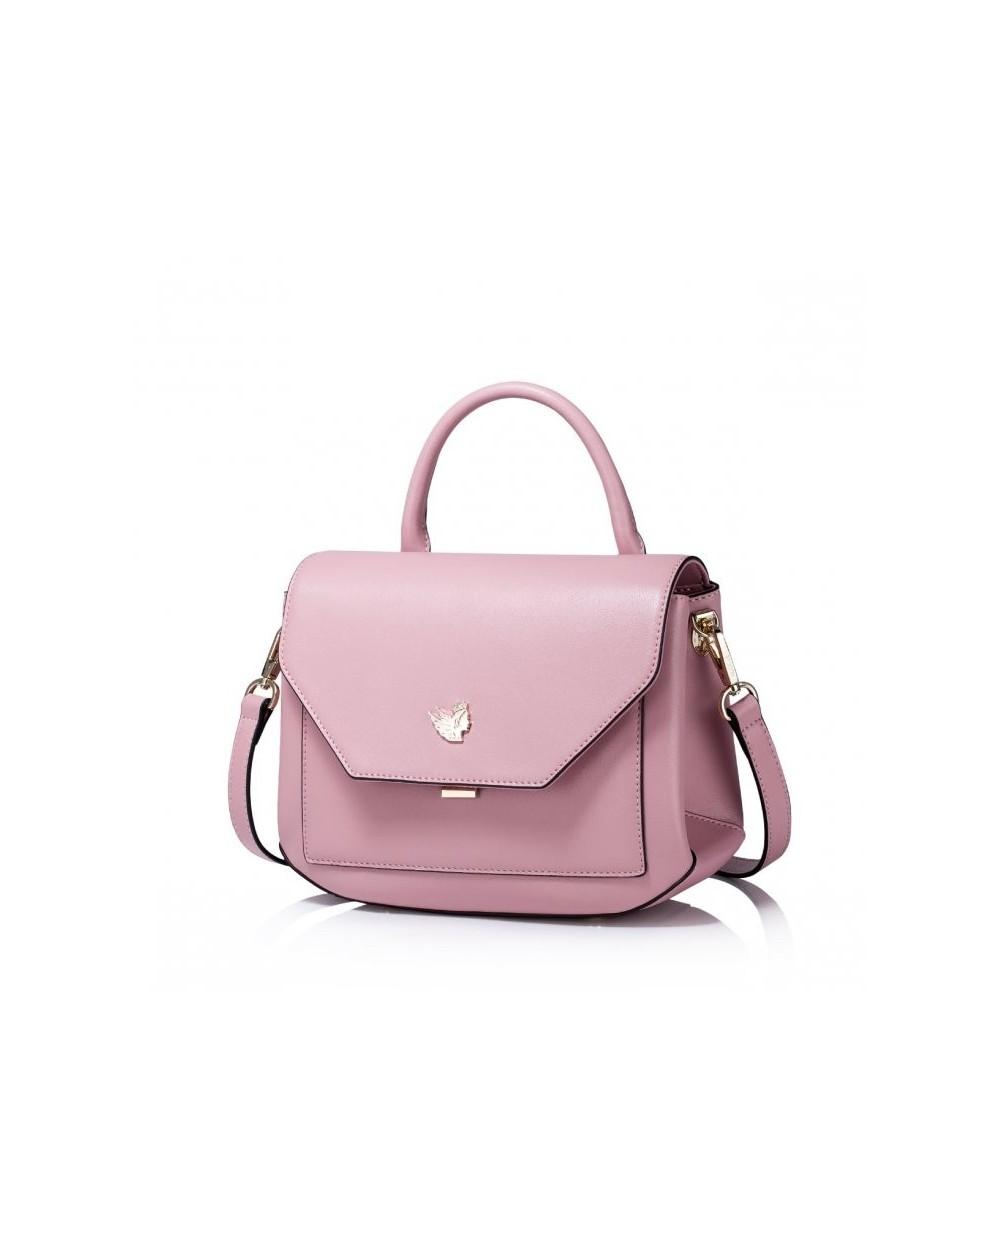 Damska torebka na ramię w prostym stylu Różowa